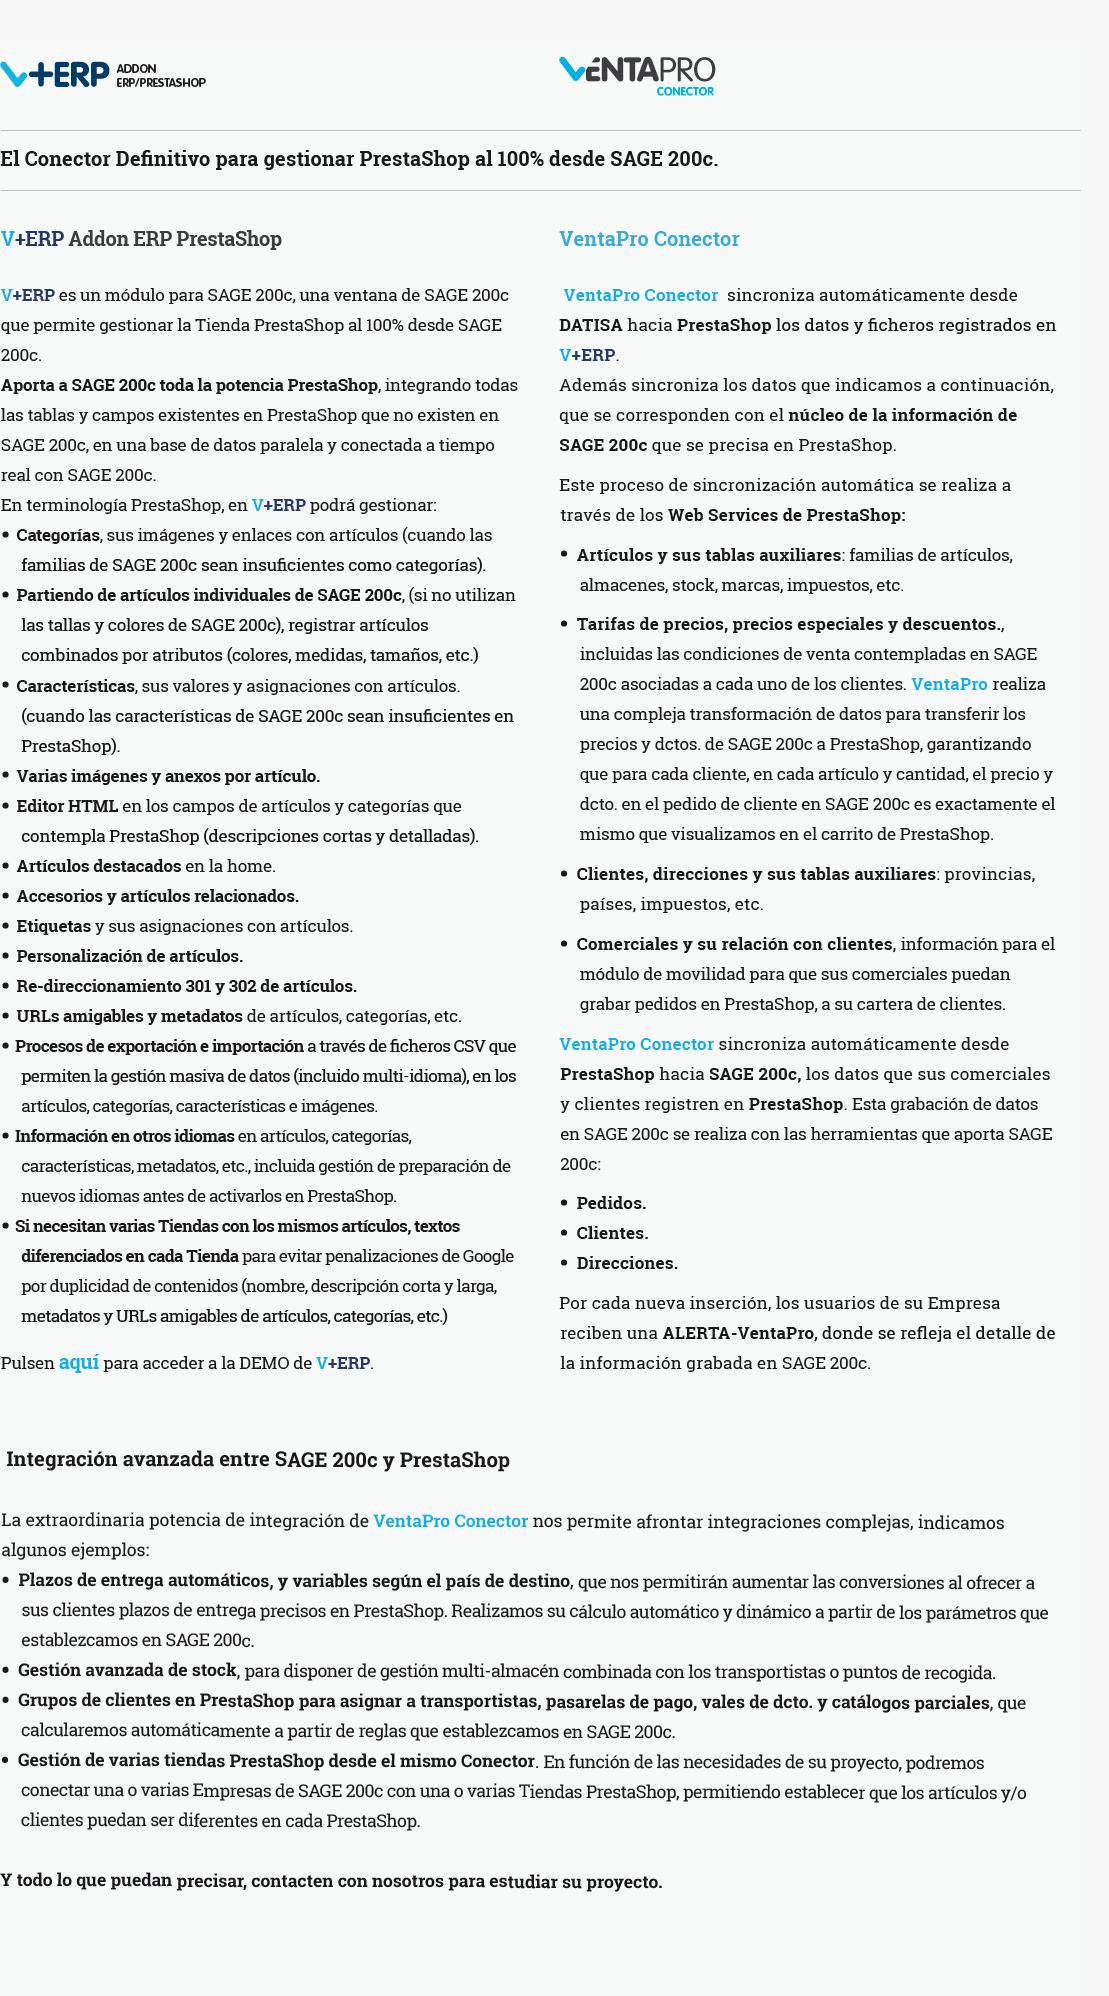 Características de VentaPro Conector con SAGE 200c